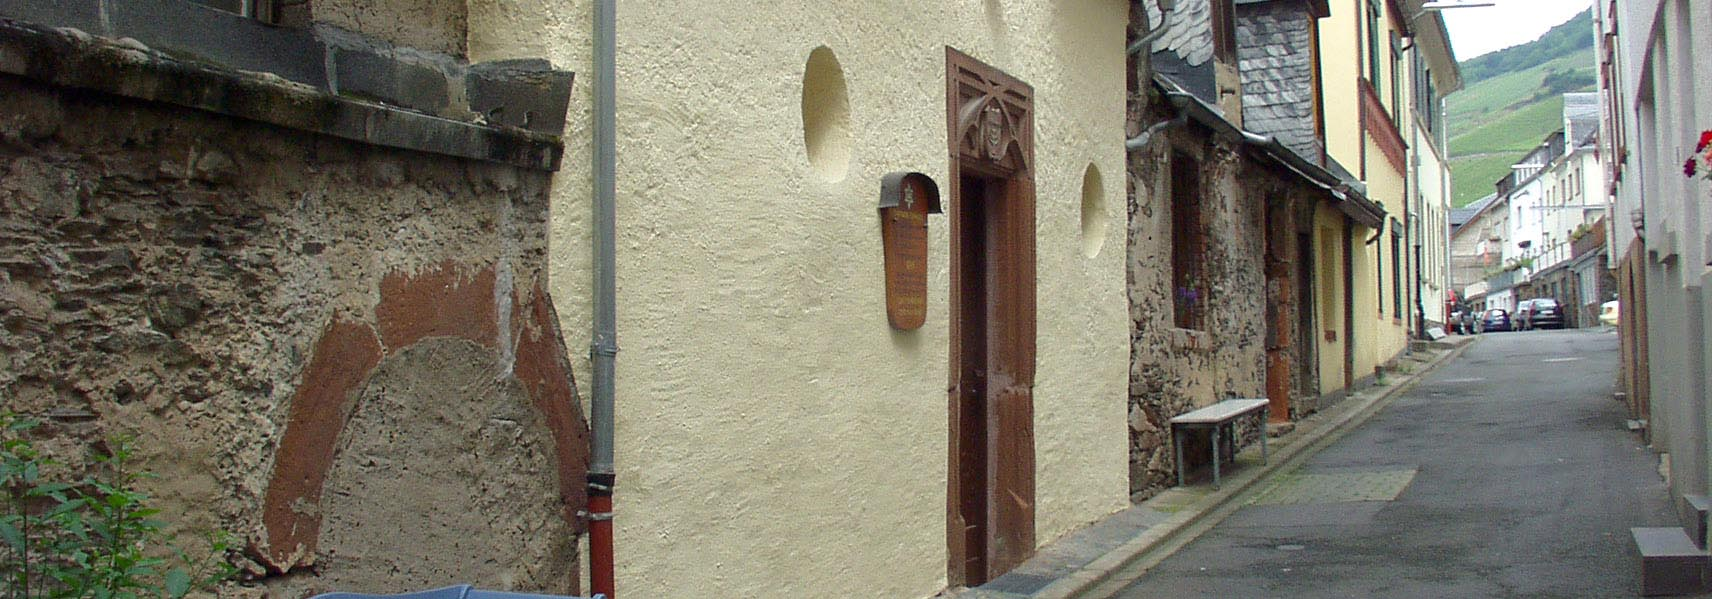 Synagoge6